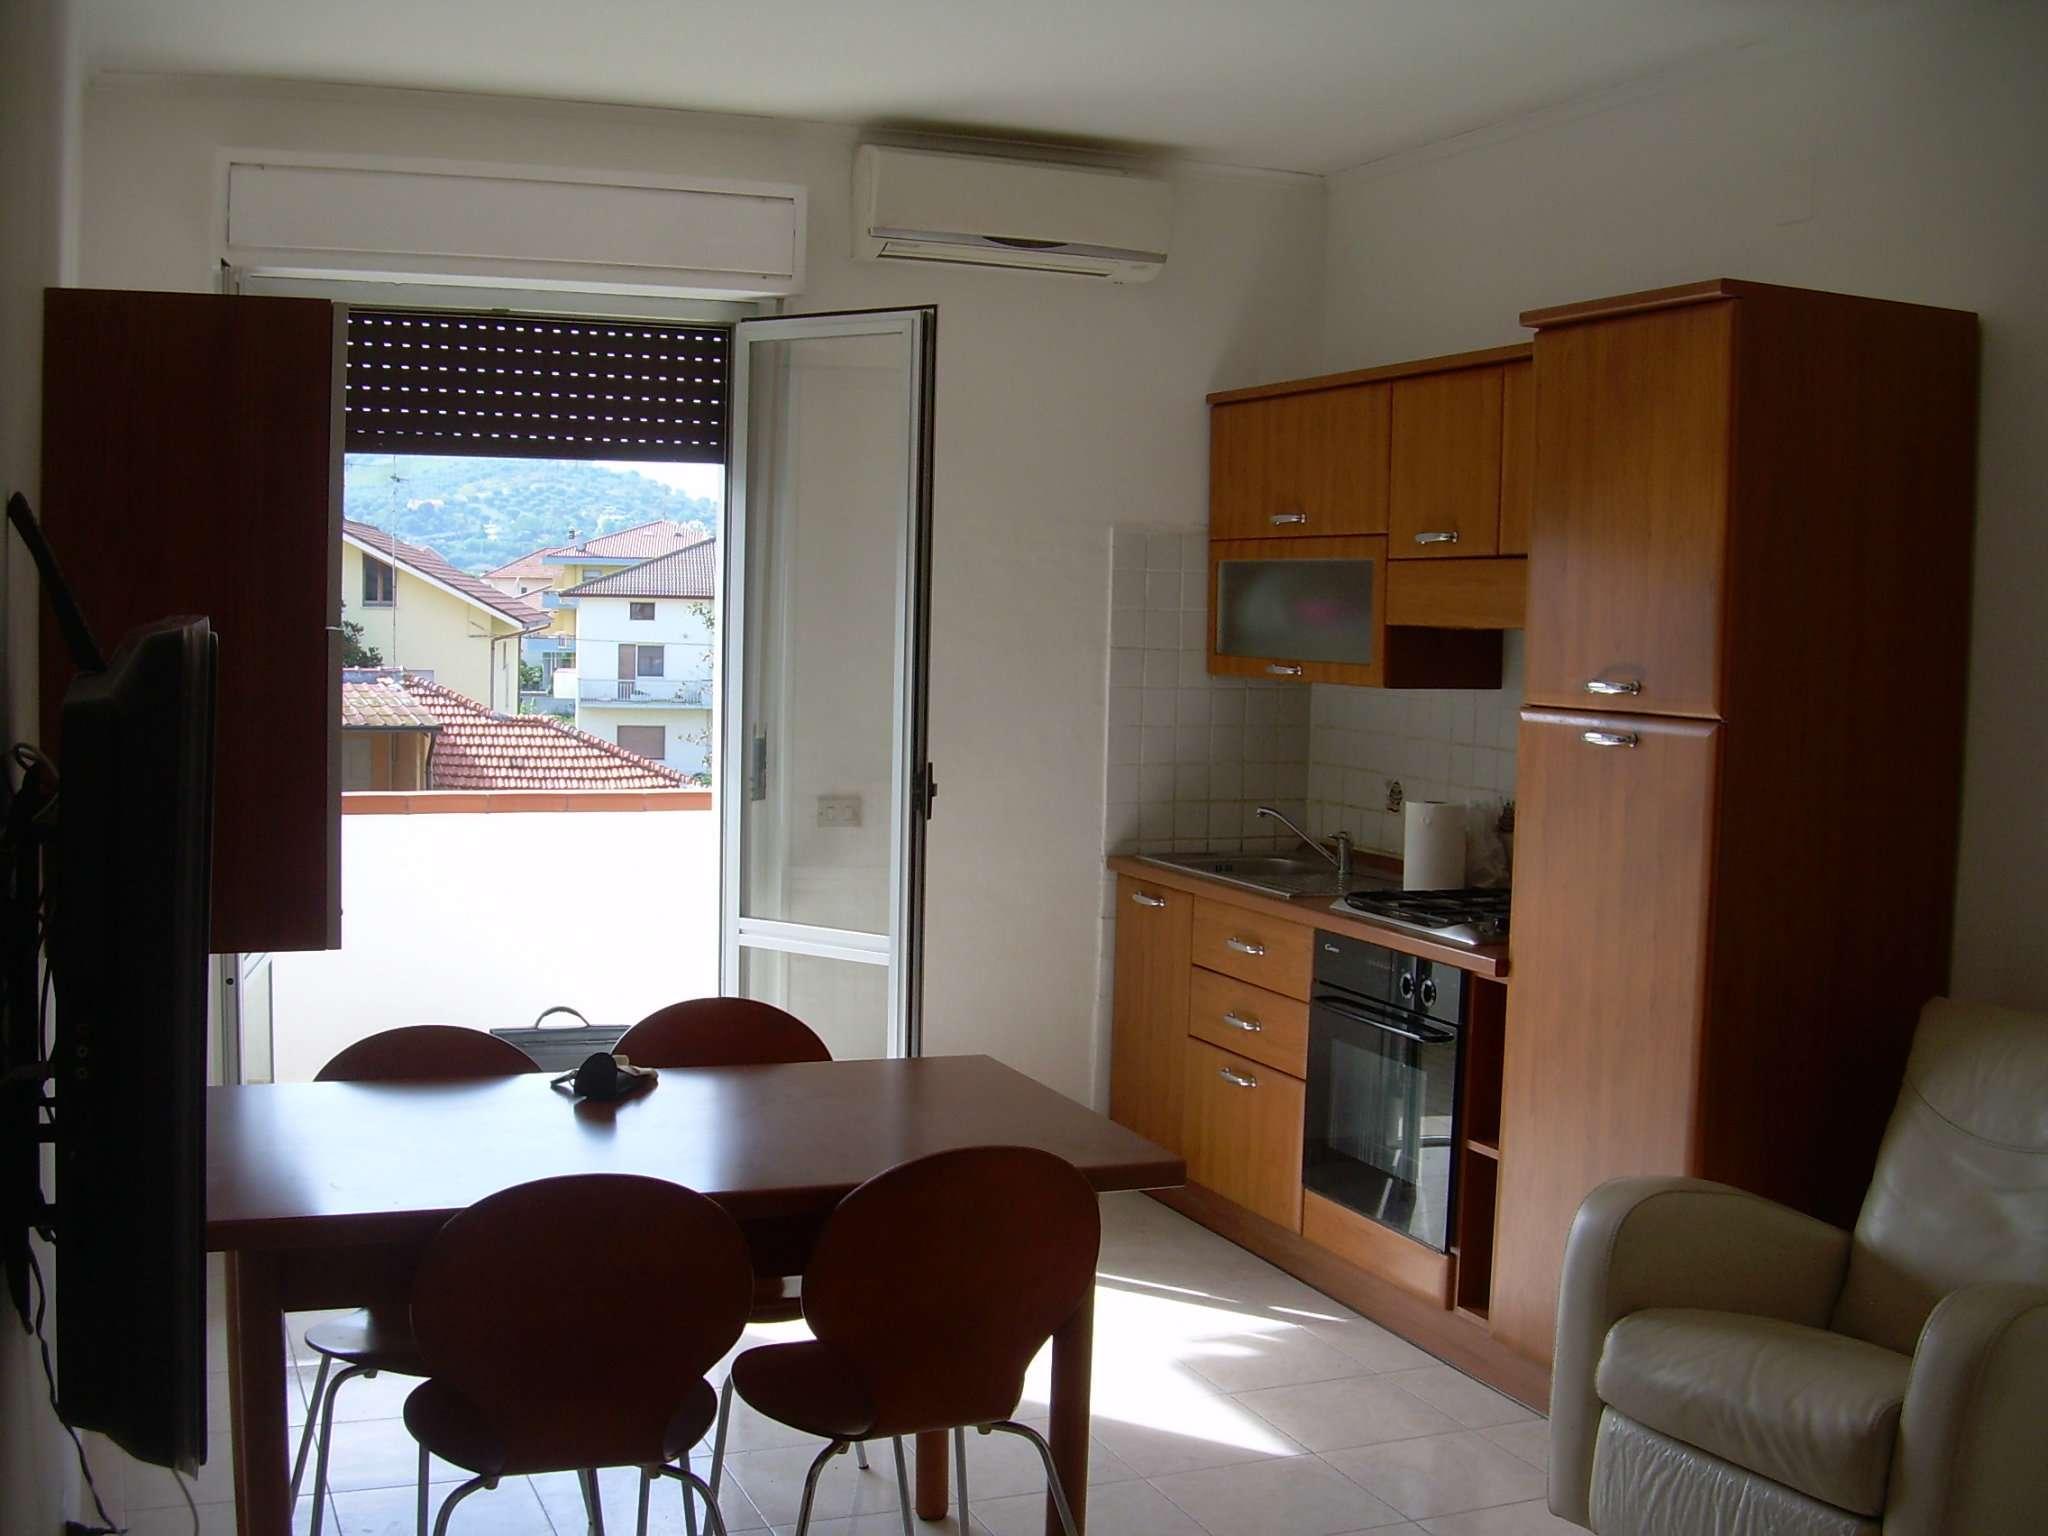 Bilocale Martinsicuro Via Vezzola 2